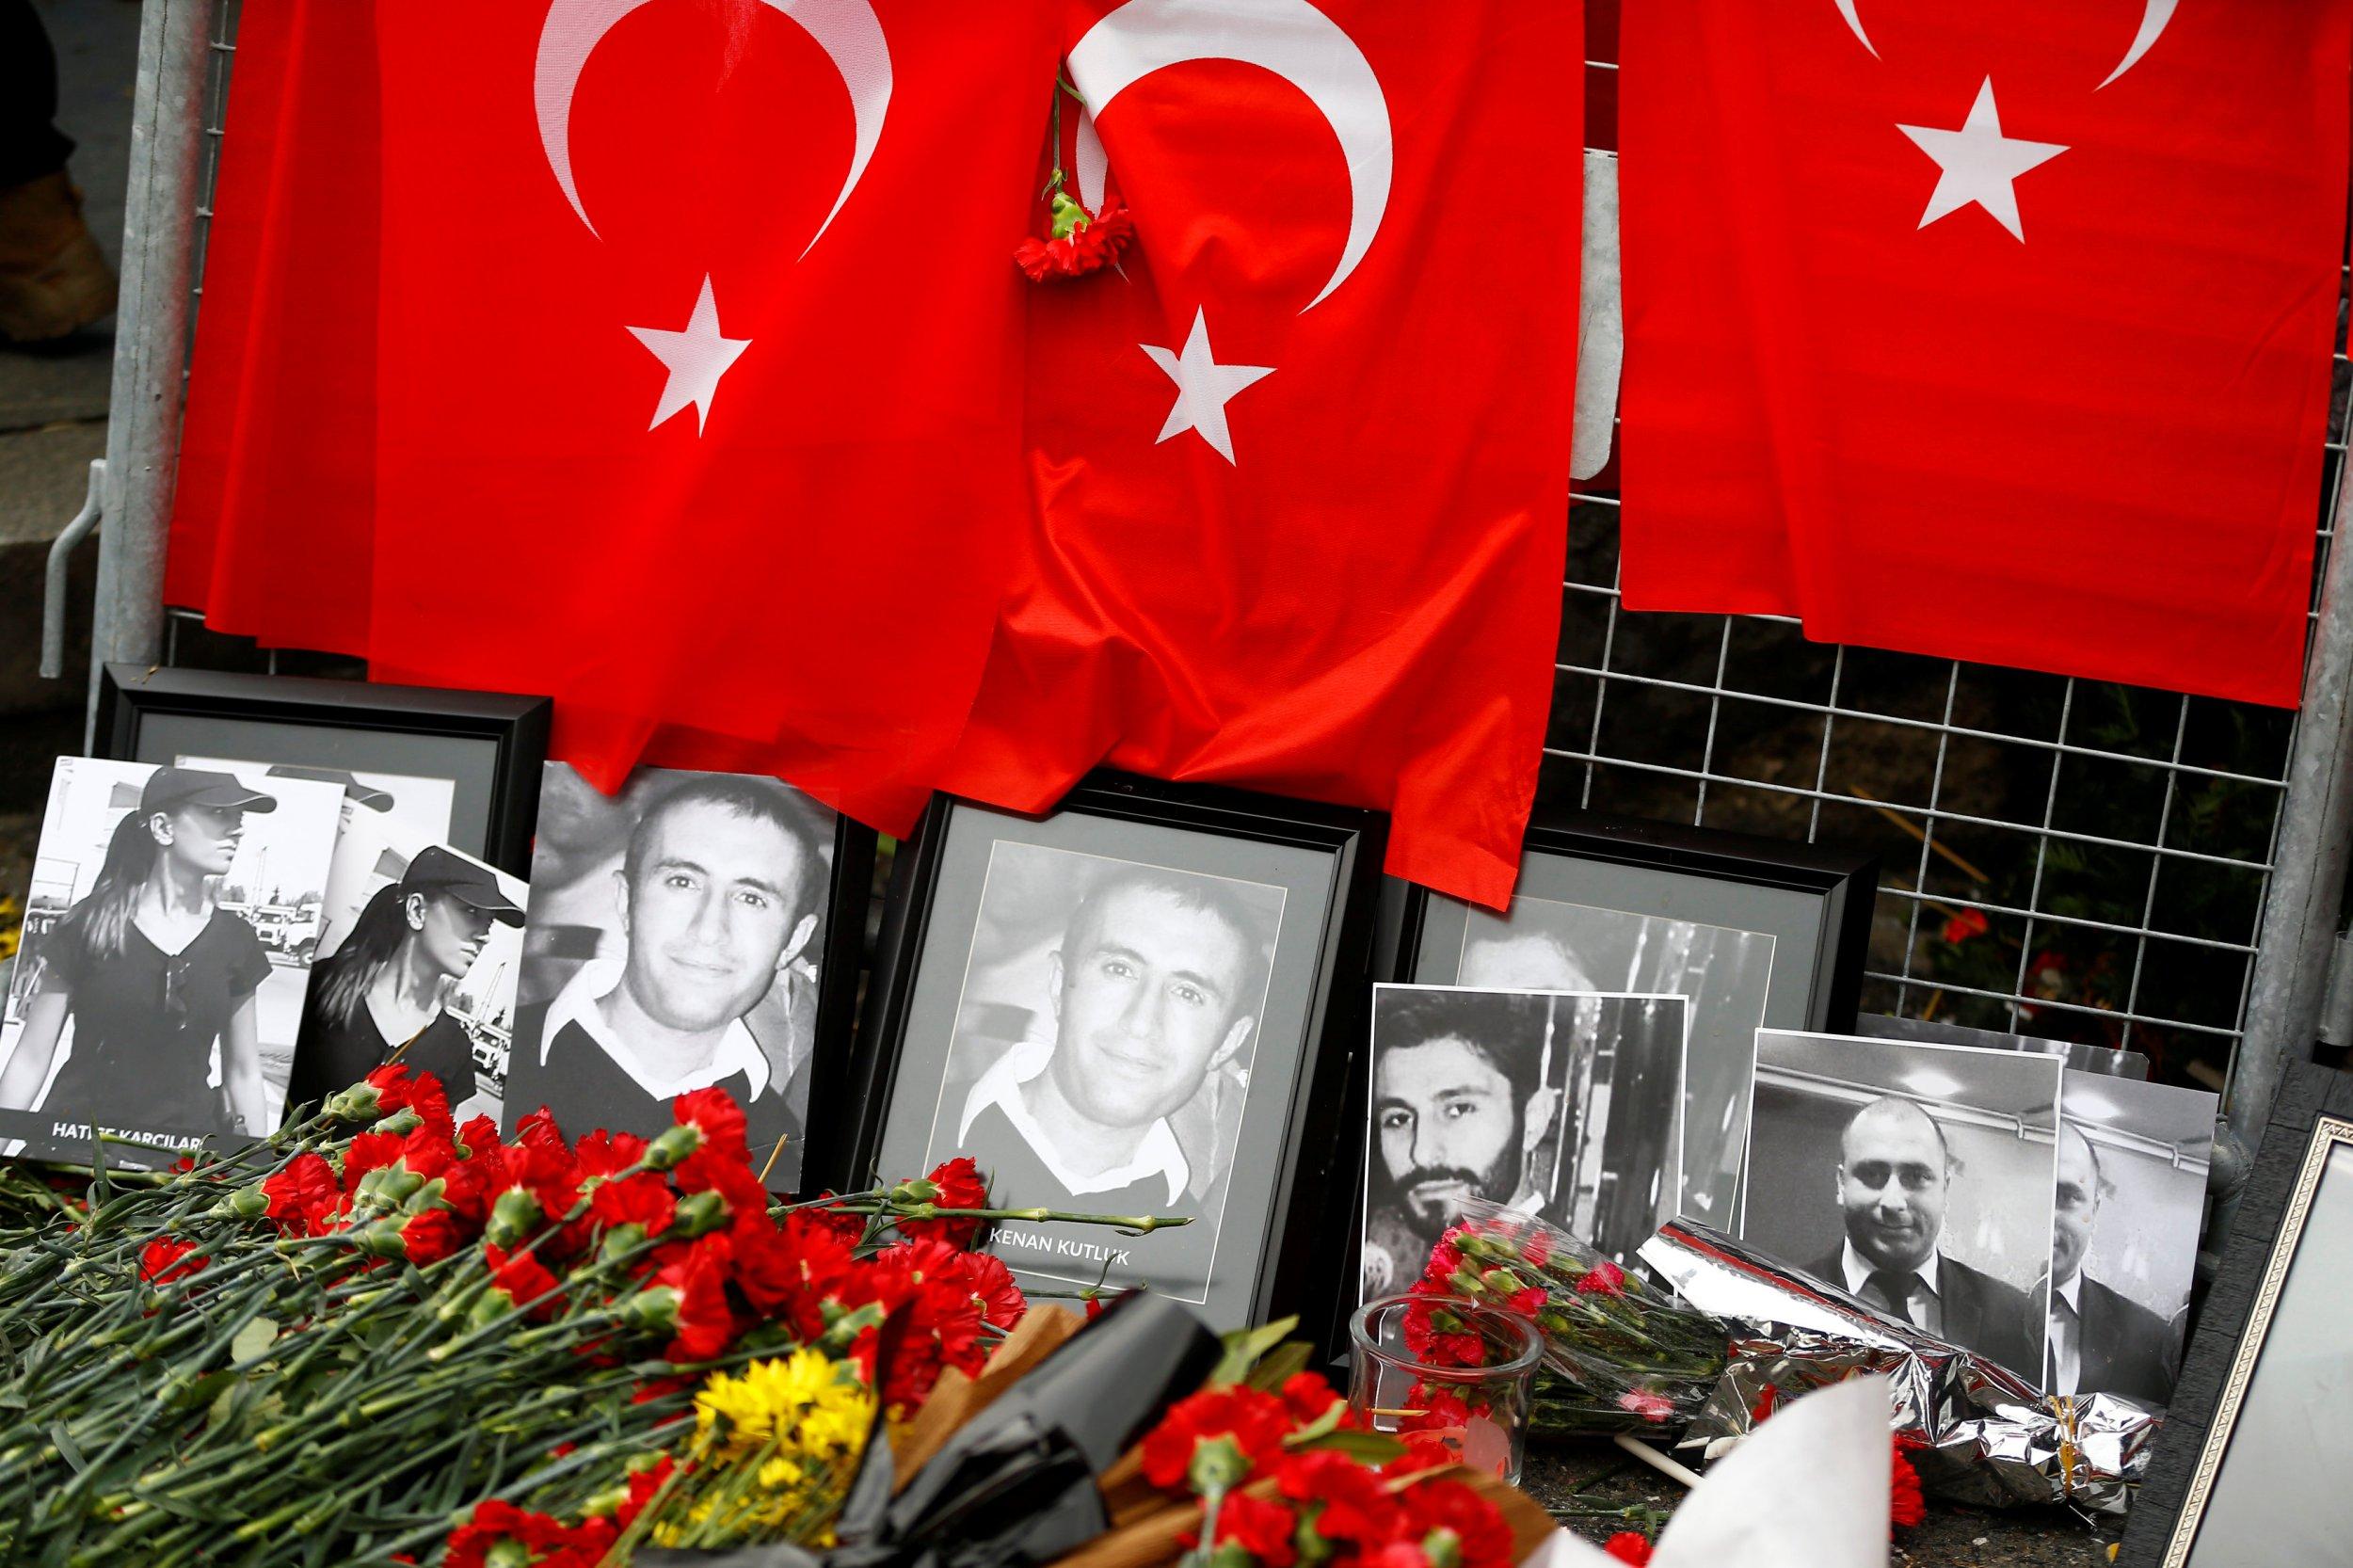 Istanbul nightclub victim